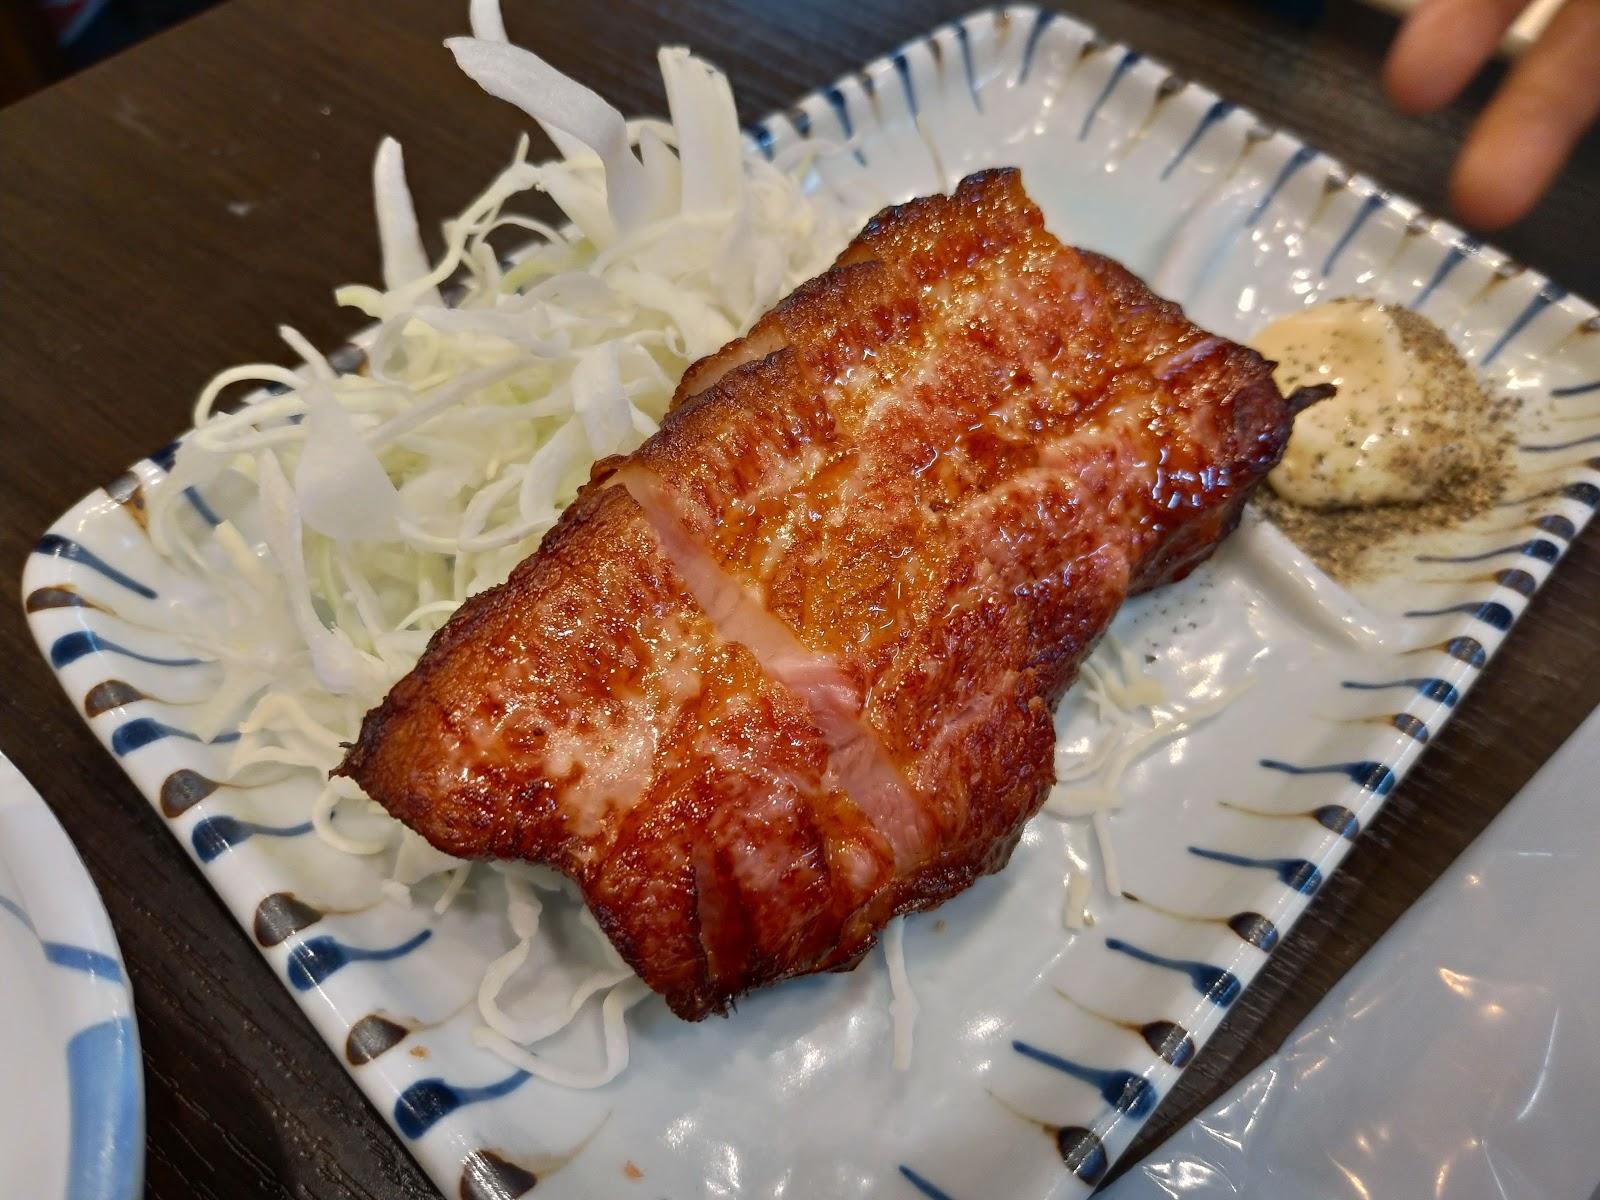 厚切りベーコン串かつ・どて焼き壱番の元祖串かつがおすすめだったのでご紹介します!